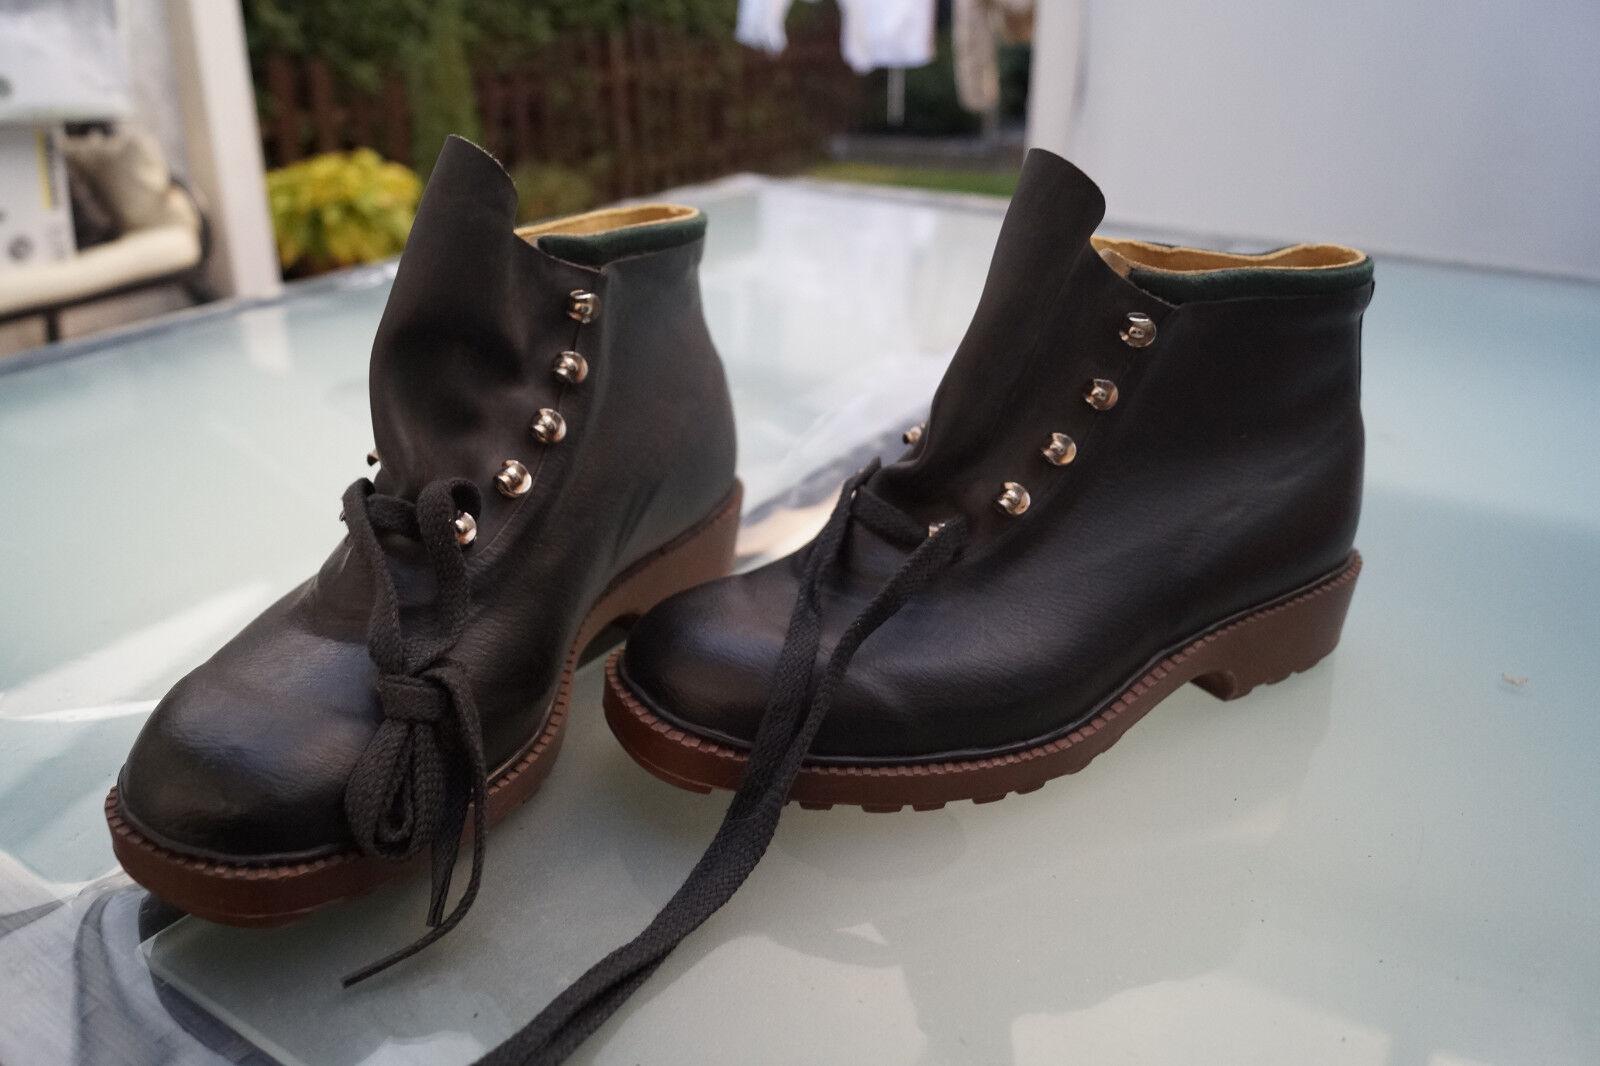 Robusta cuero Romika señora botas zapatos con cordones cuero Robusta negro nuevo C cc5201